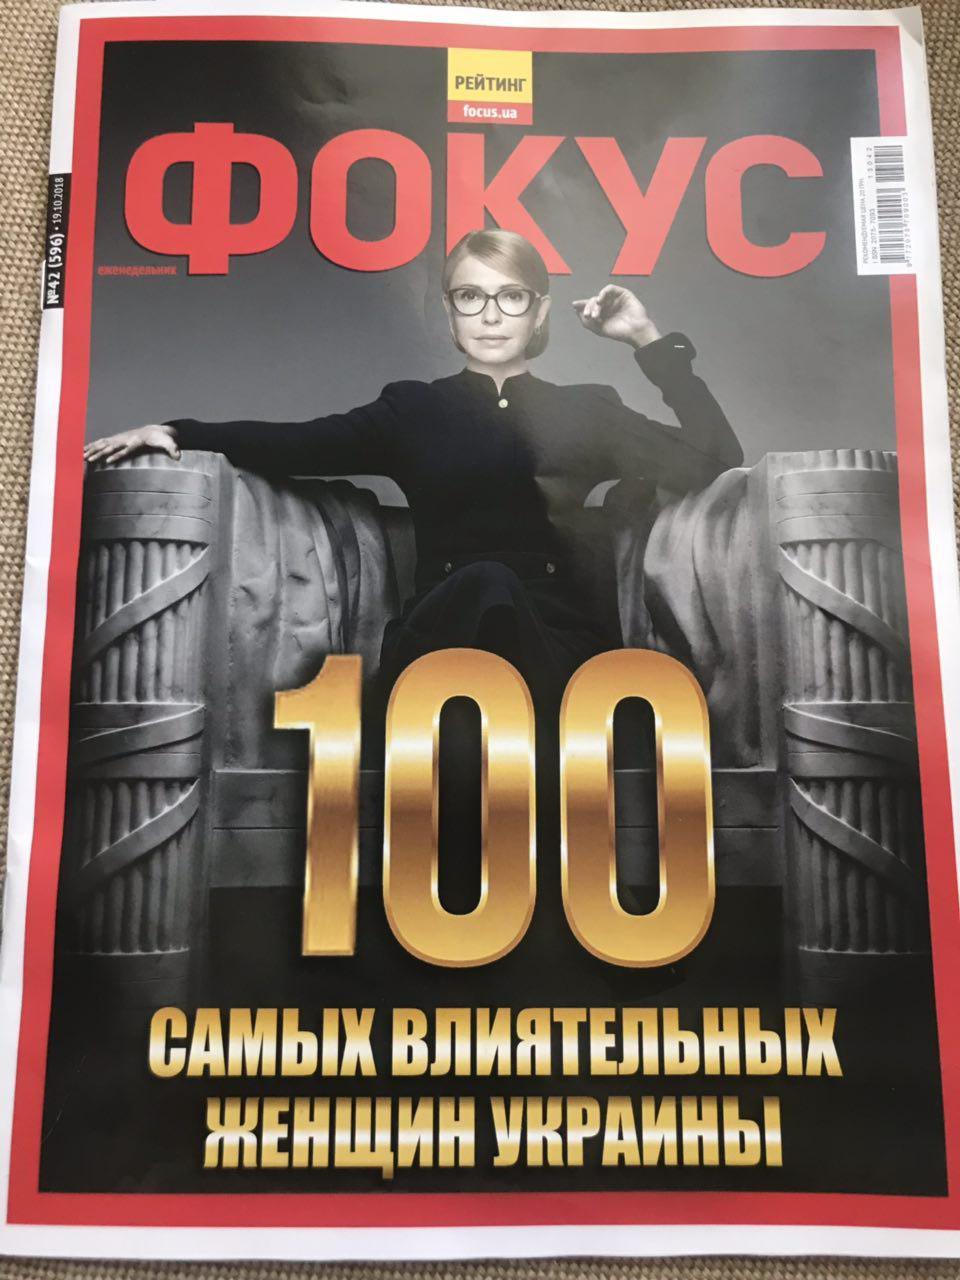 Светличная вошла в пятерку влиятельнейших женщин Украины